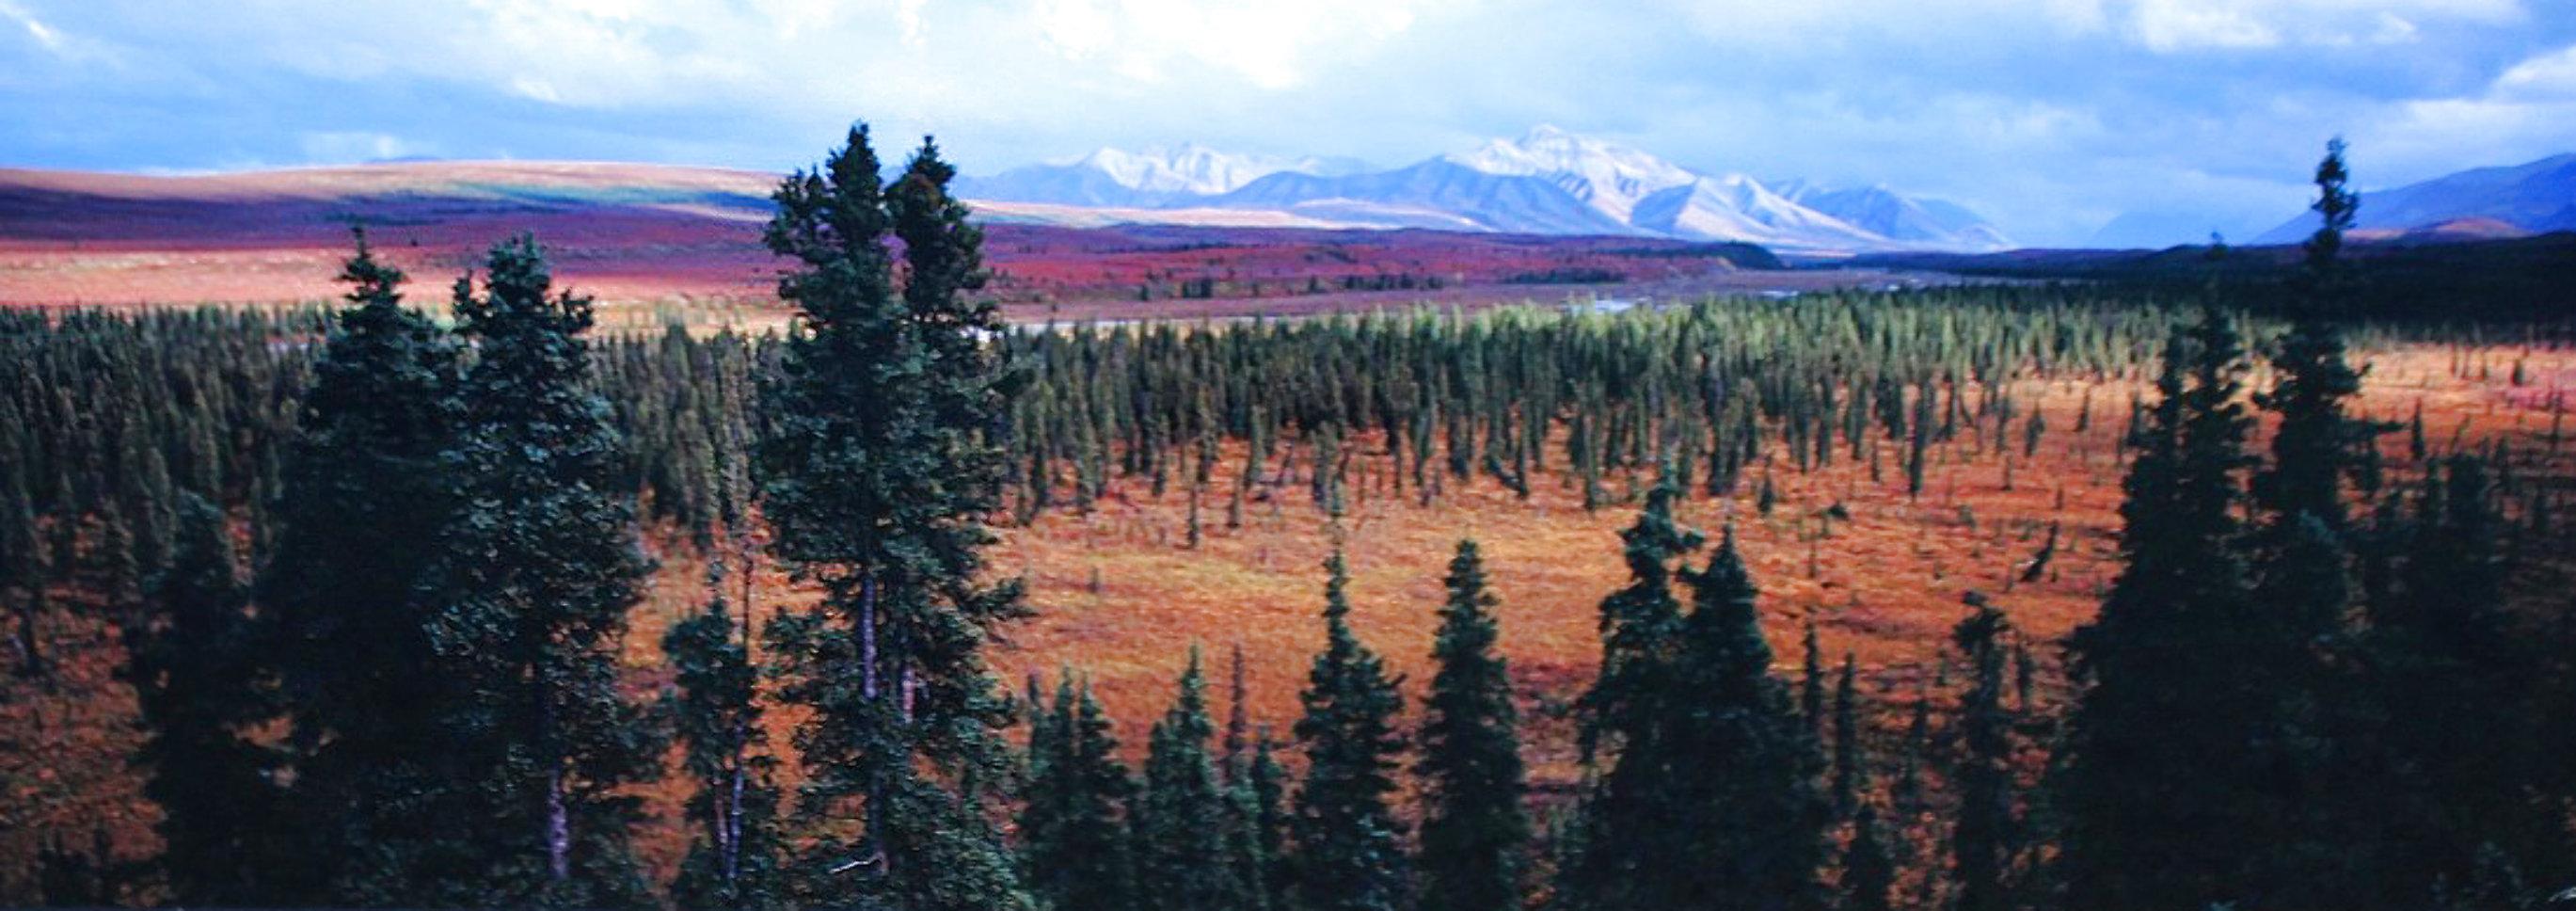 Season Passing (Denali)  AP 1.5M Super  Huge Panorama by Thomas Mangelsen